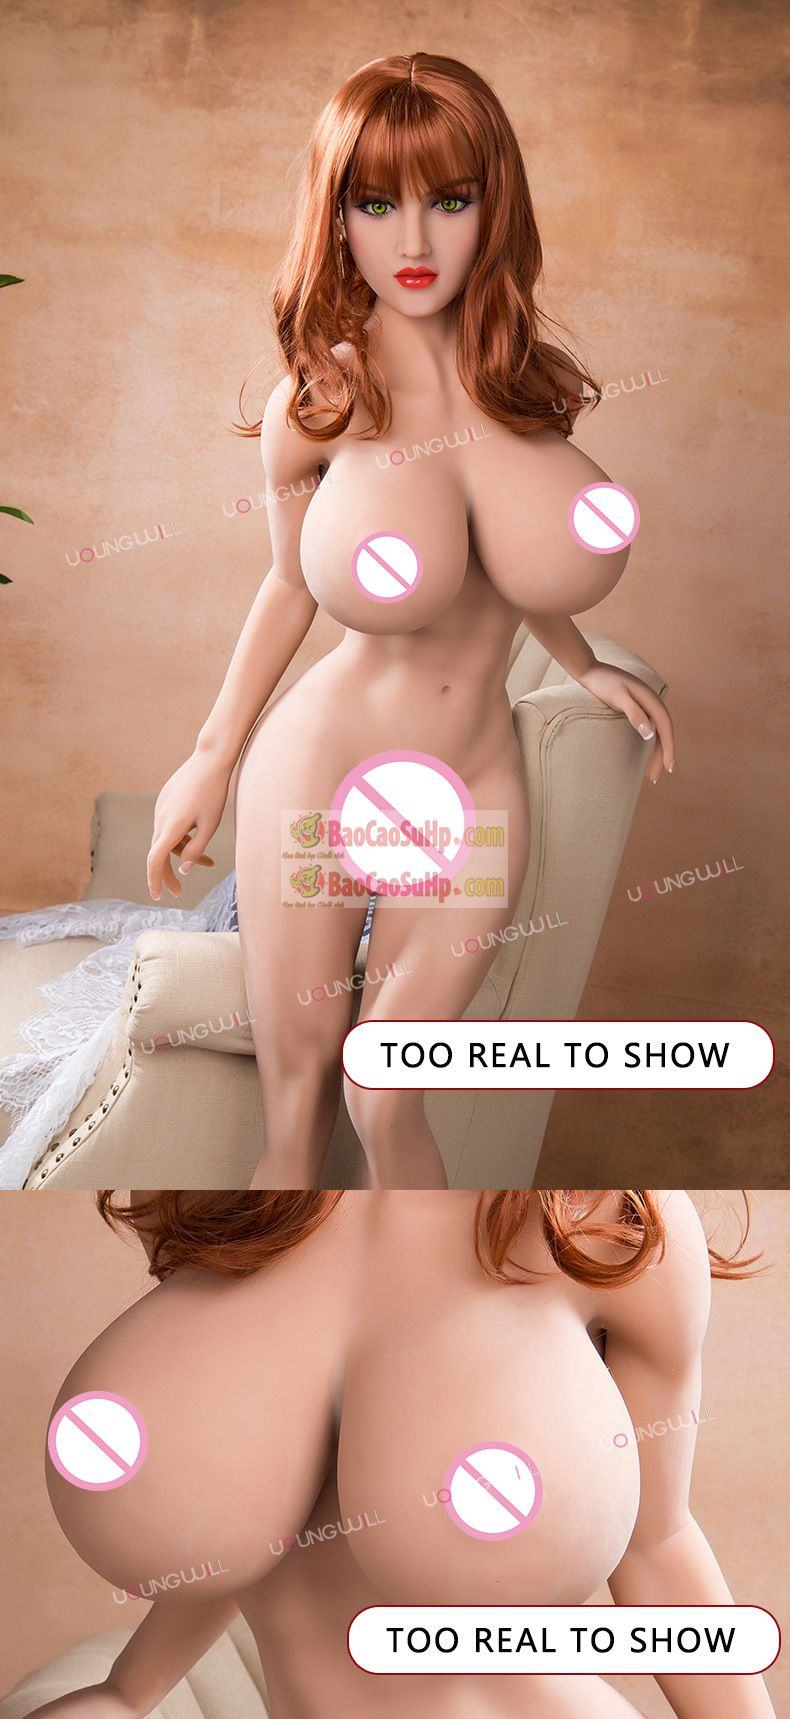 20200419110309 2729785 bup be tinh duc demi rose 5 - Top búp bê tình dục có bờ ngực đẹp nhất!